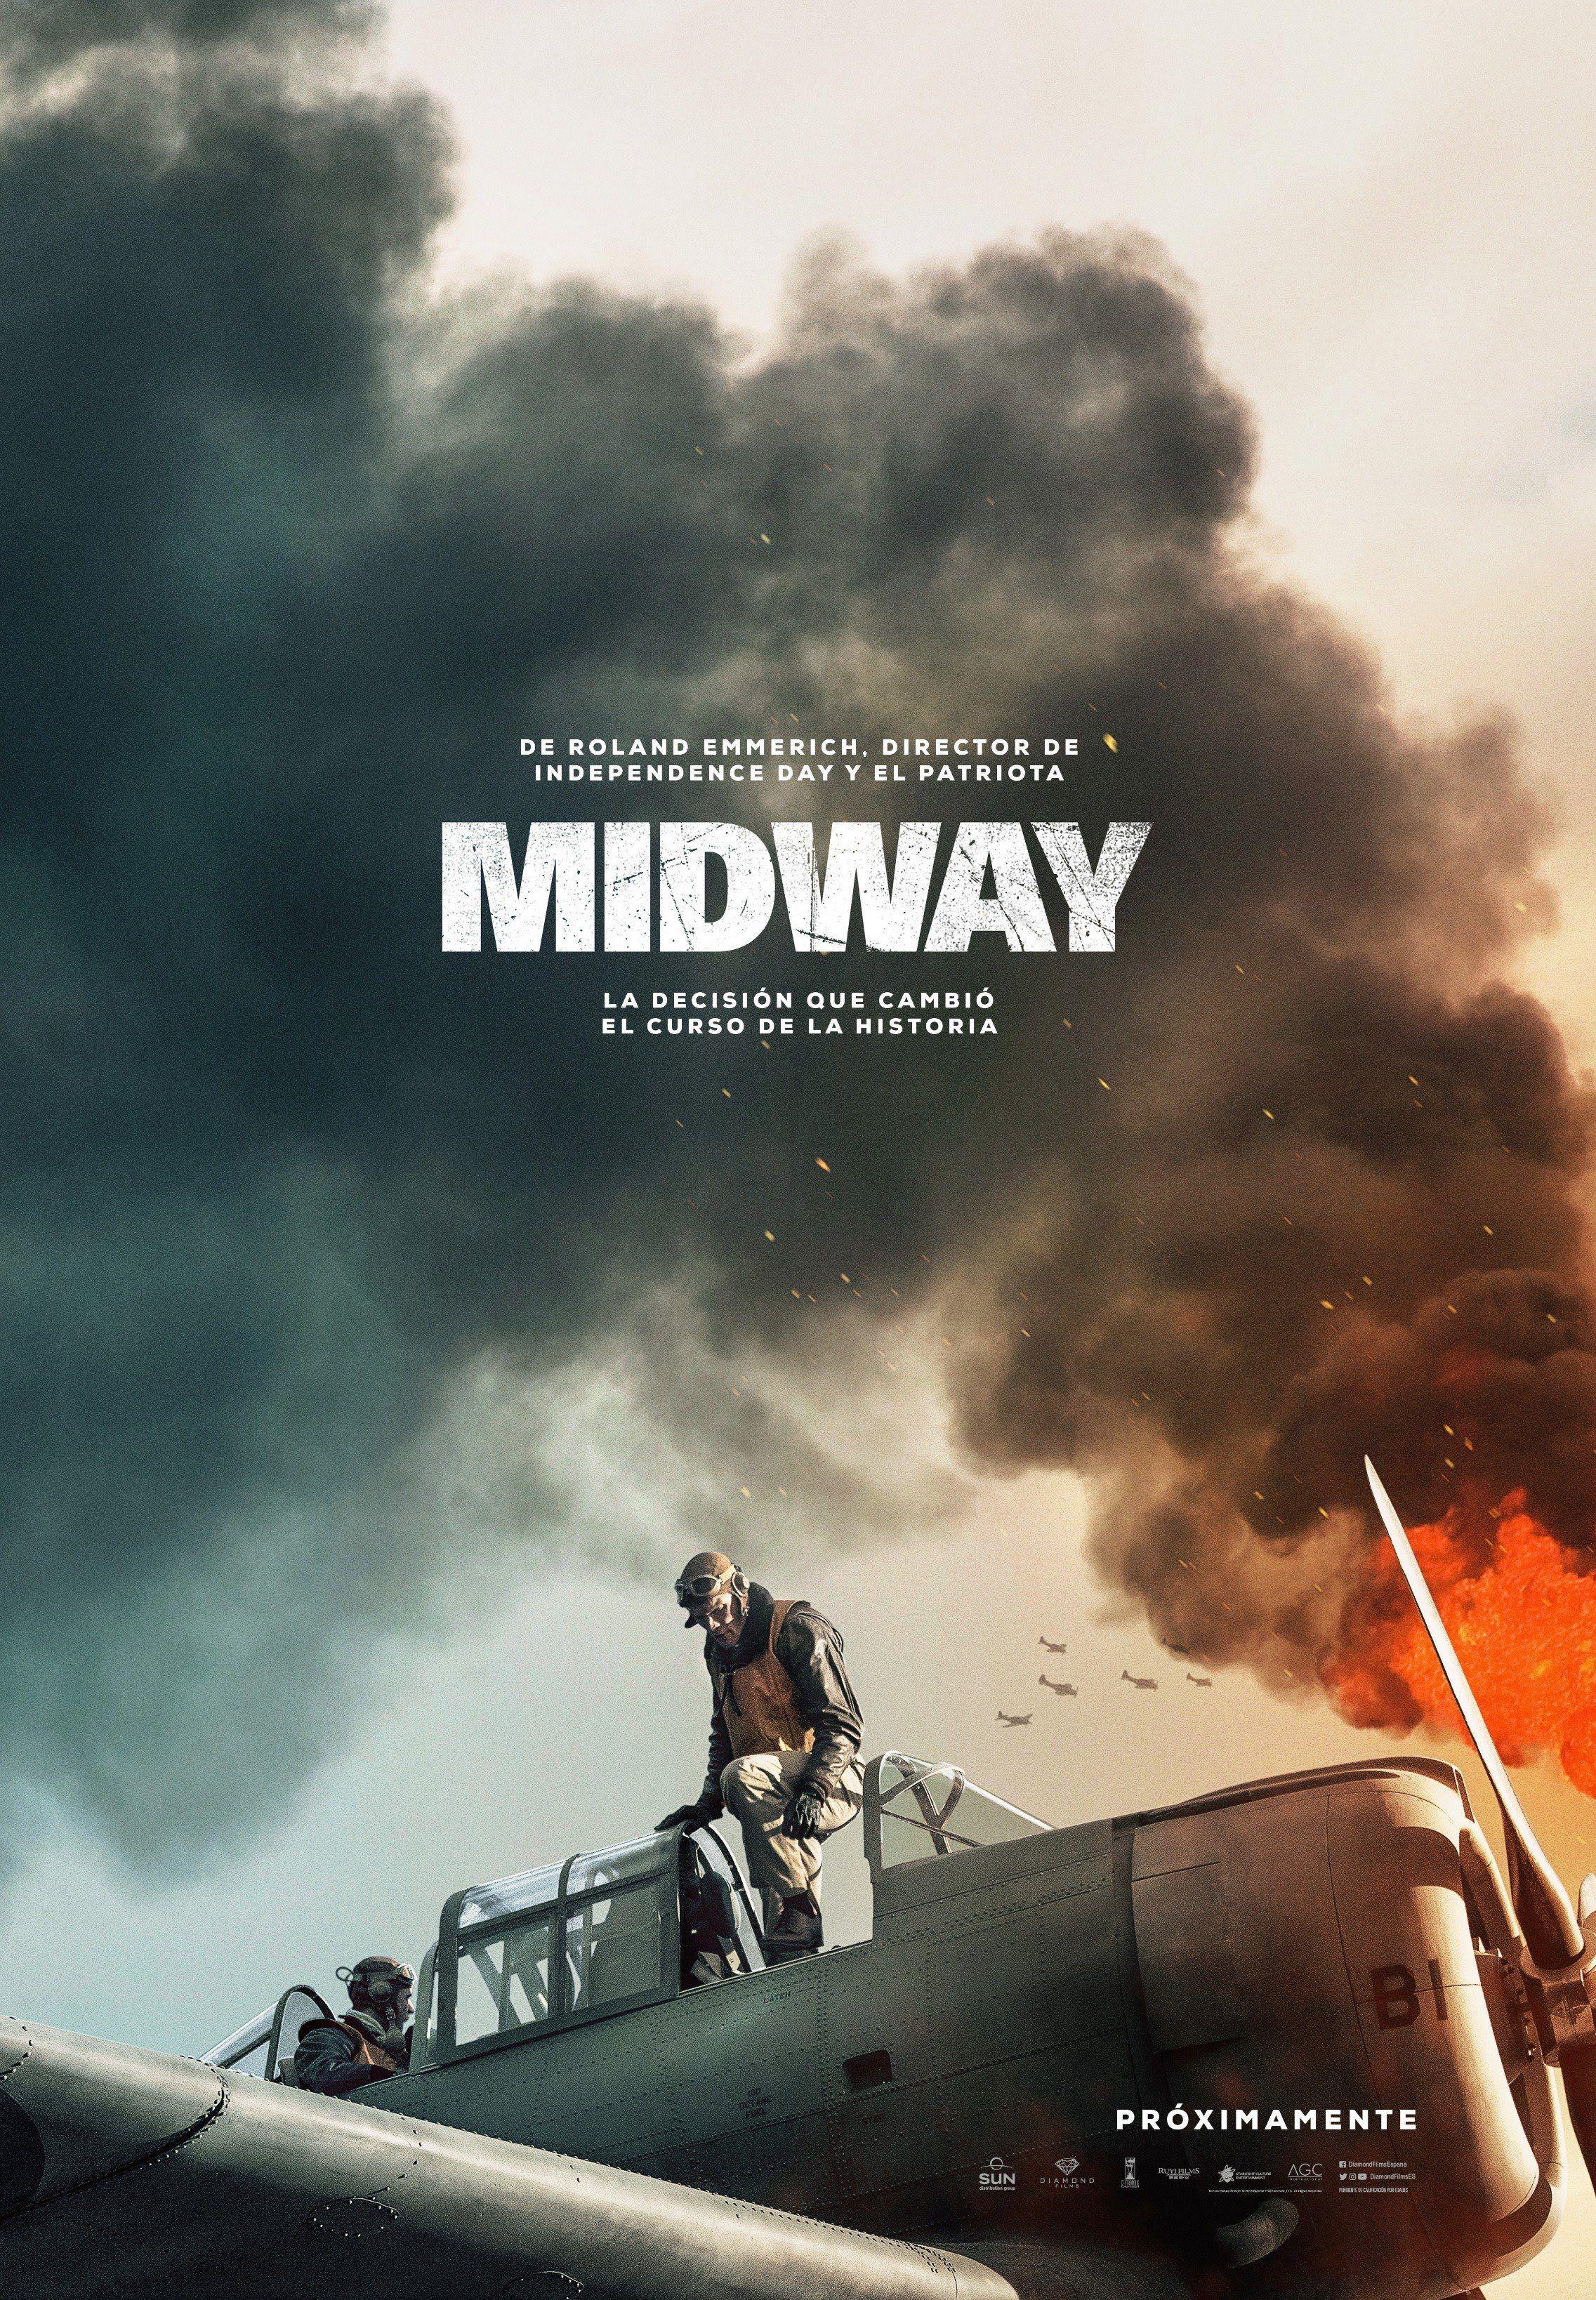 Midway Películas completas, Peliculas en español y